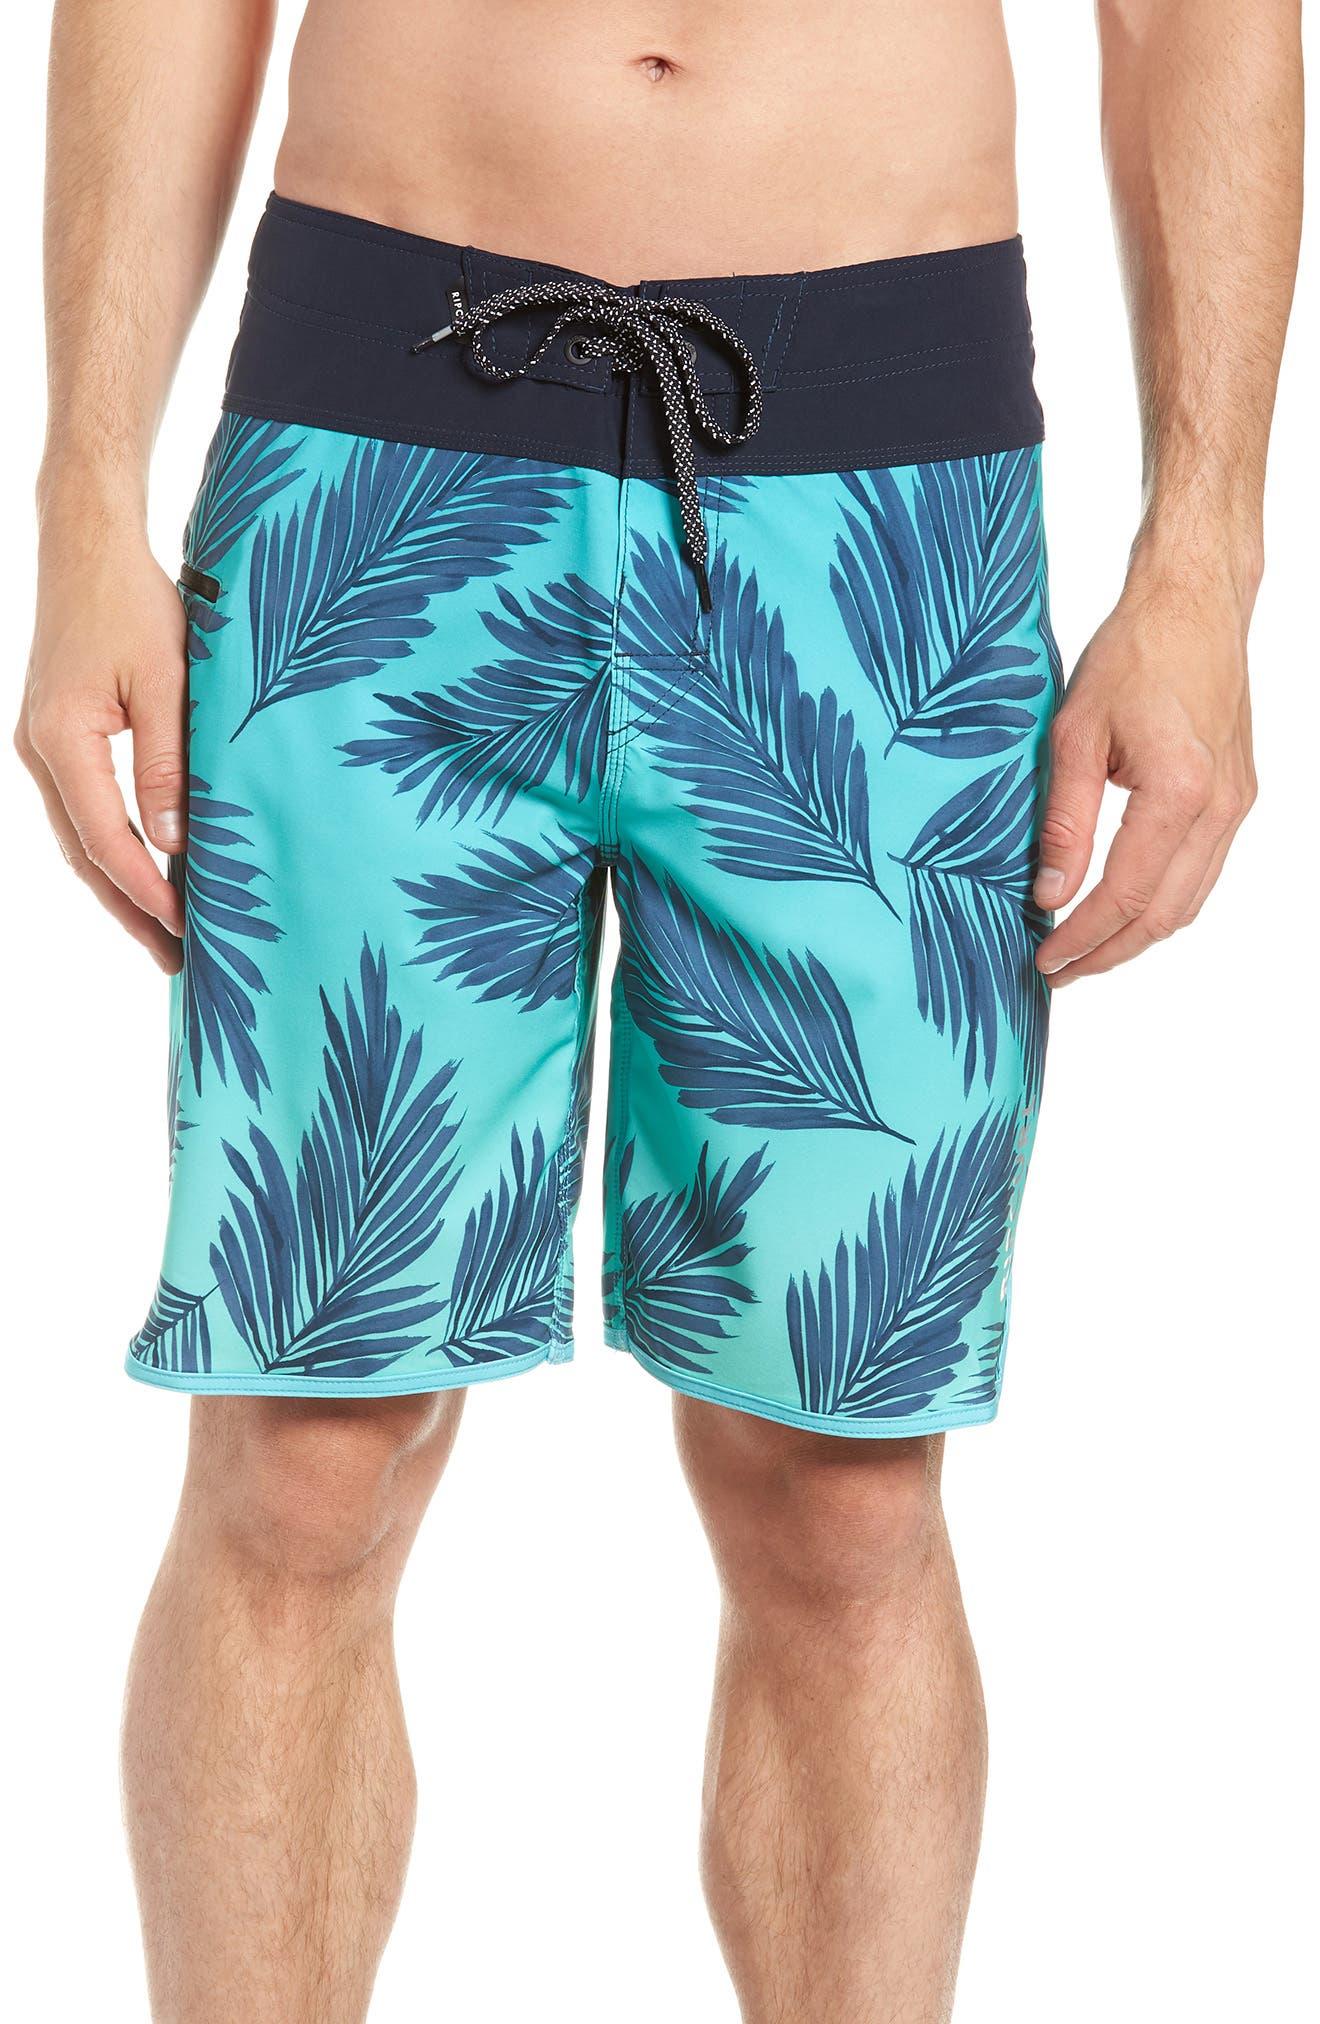 Mirage Mason Rockies Board Shorts,                             Main thumbnail 1, color,                             Teal